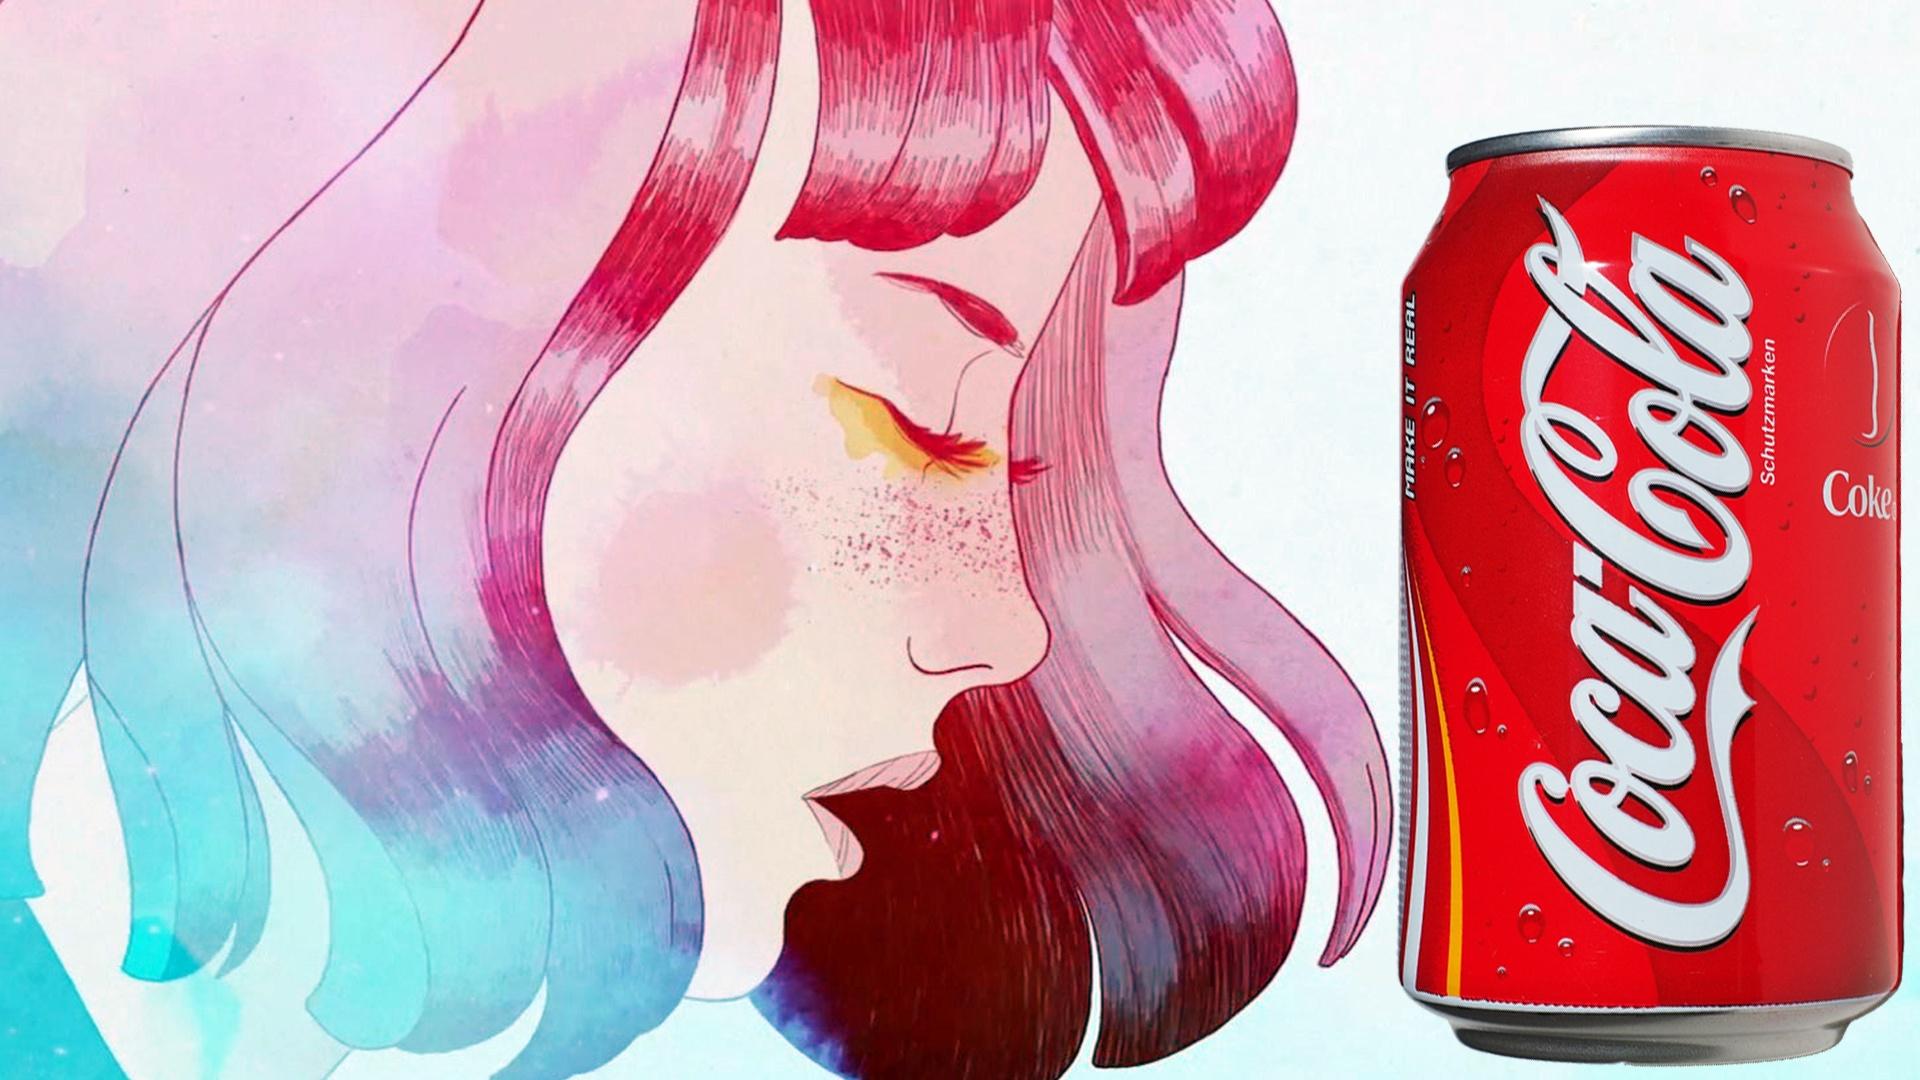 »Zum Einstieg darf man nur die Cola-Dose designen« - Deutsche Entwickler über Artdesign in Spielen